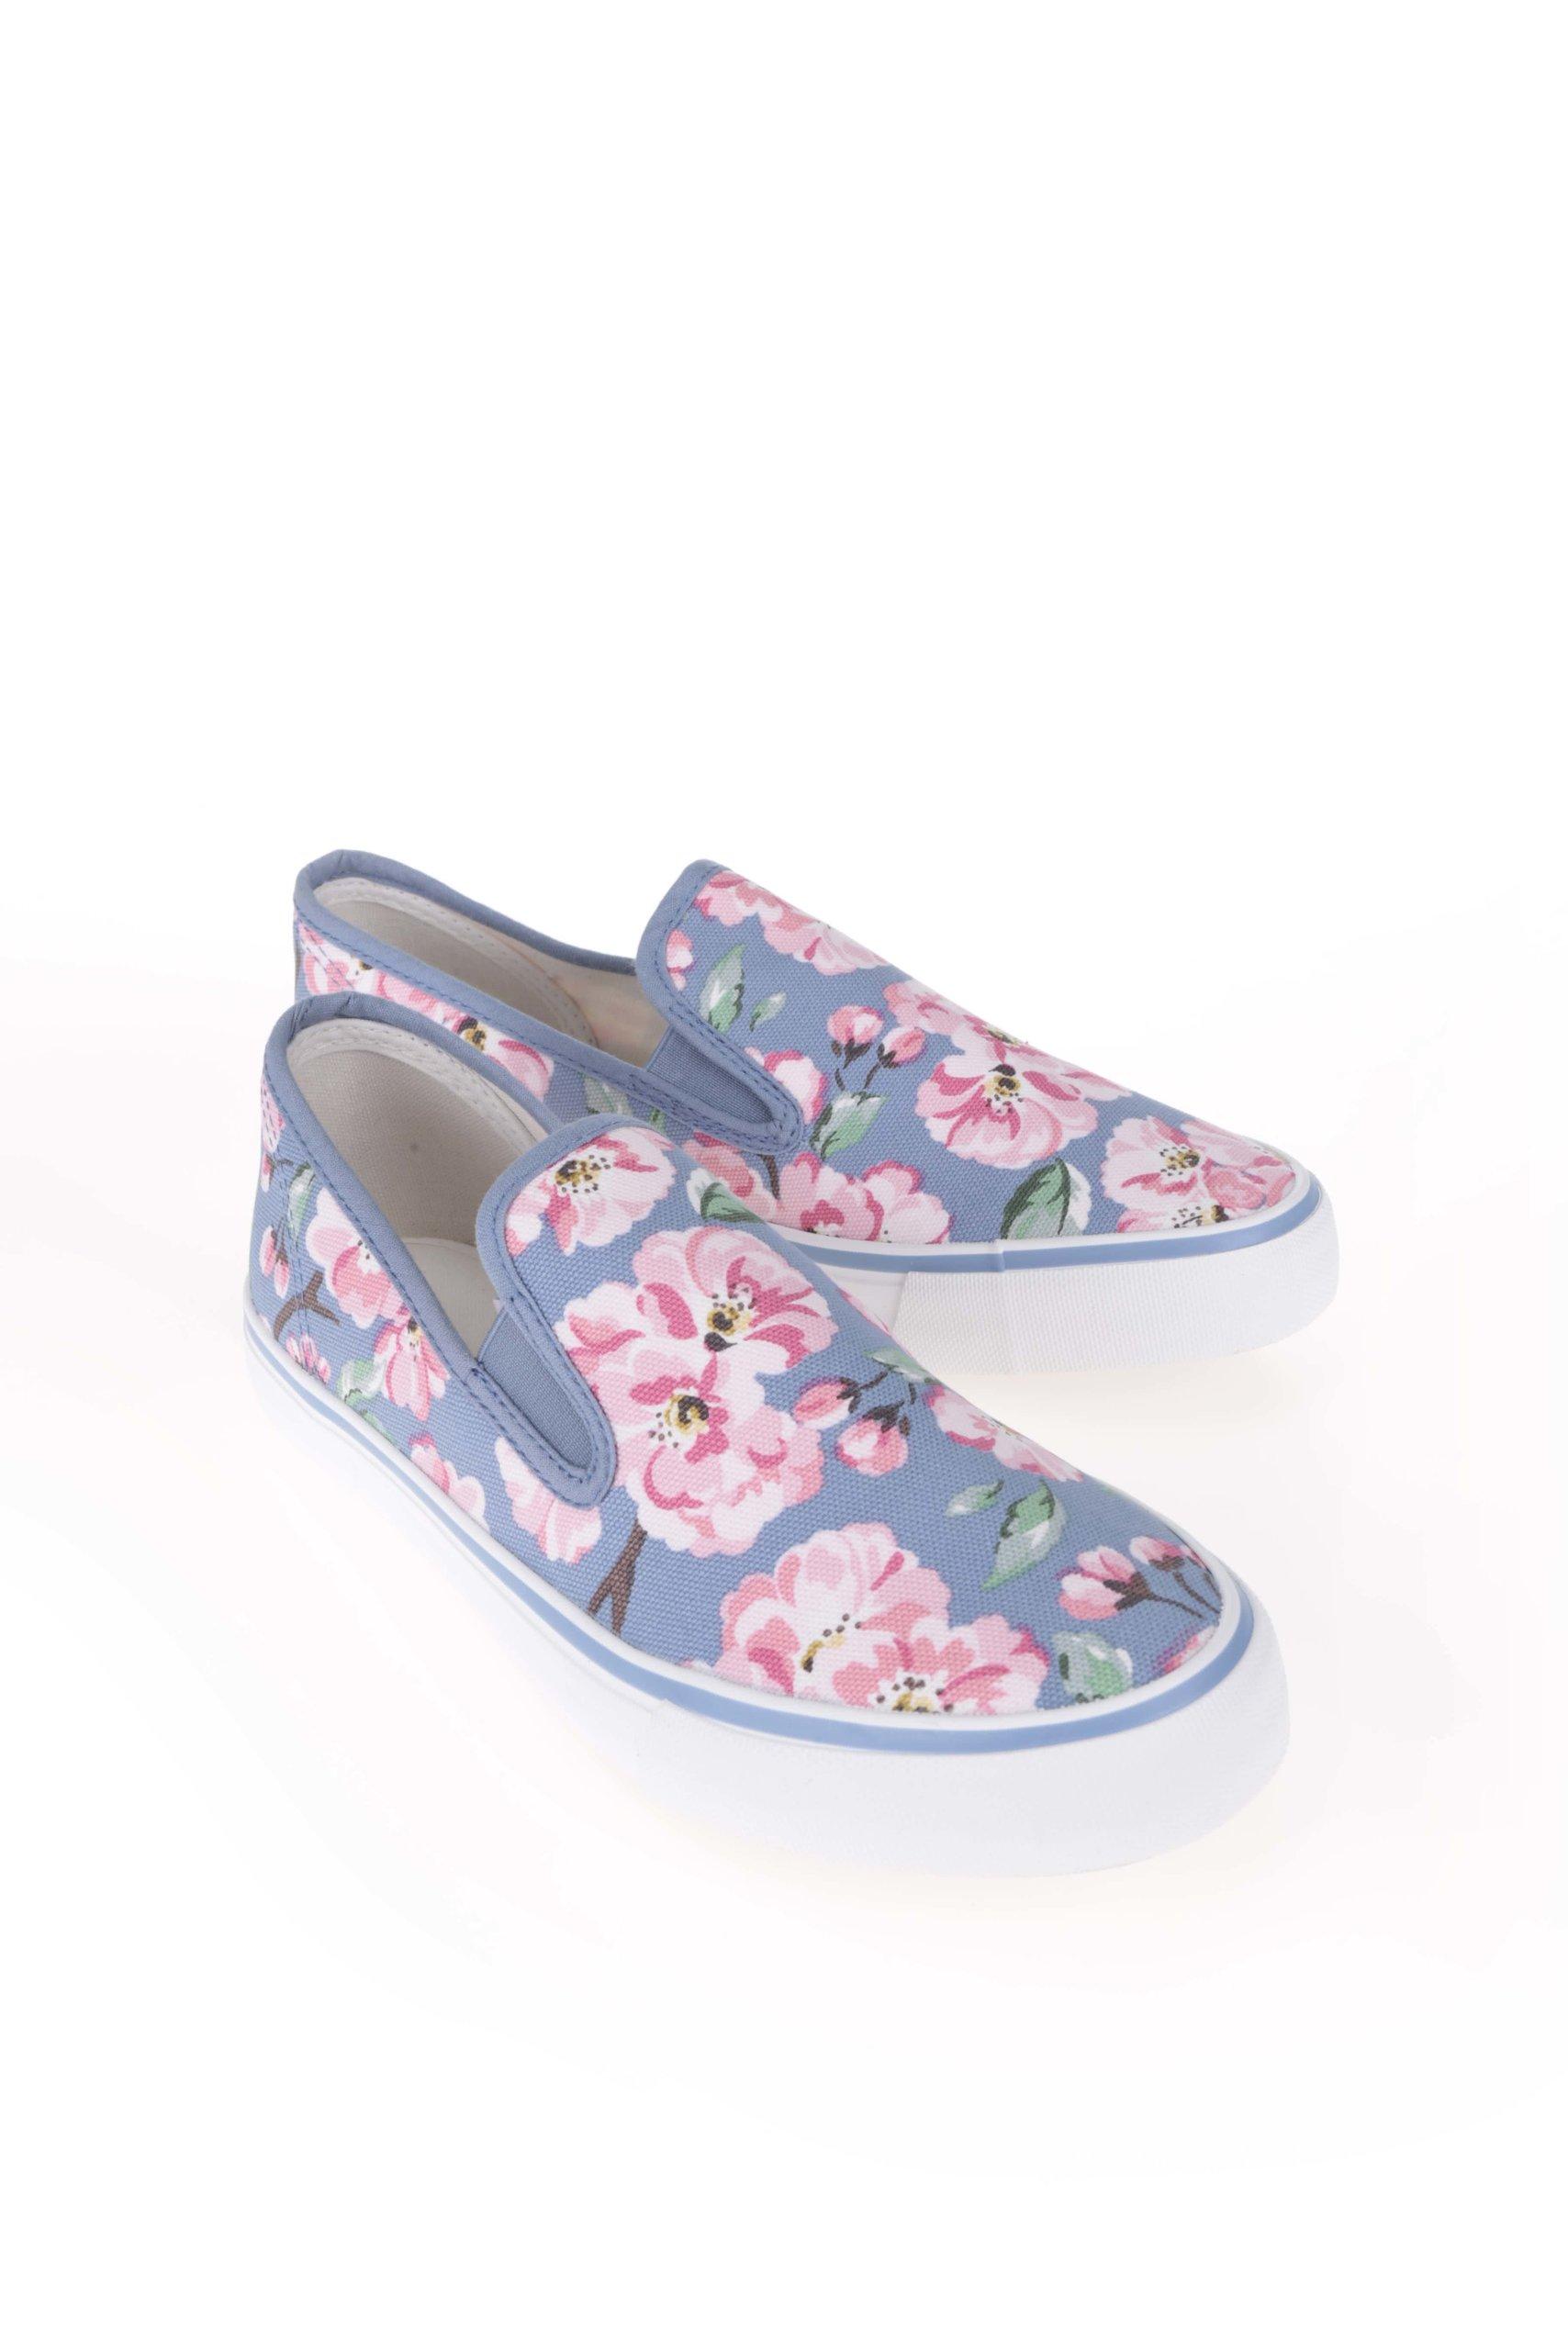 37a9ad0ad5 Bílo-modré slip on tenisky s květy Cath Kidston ...